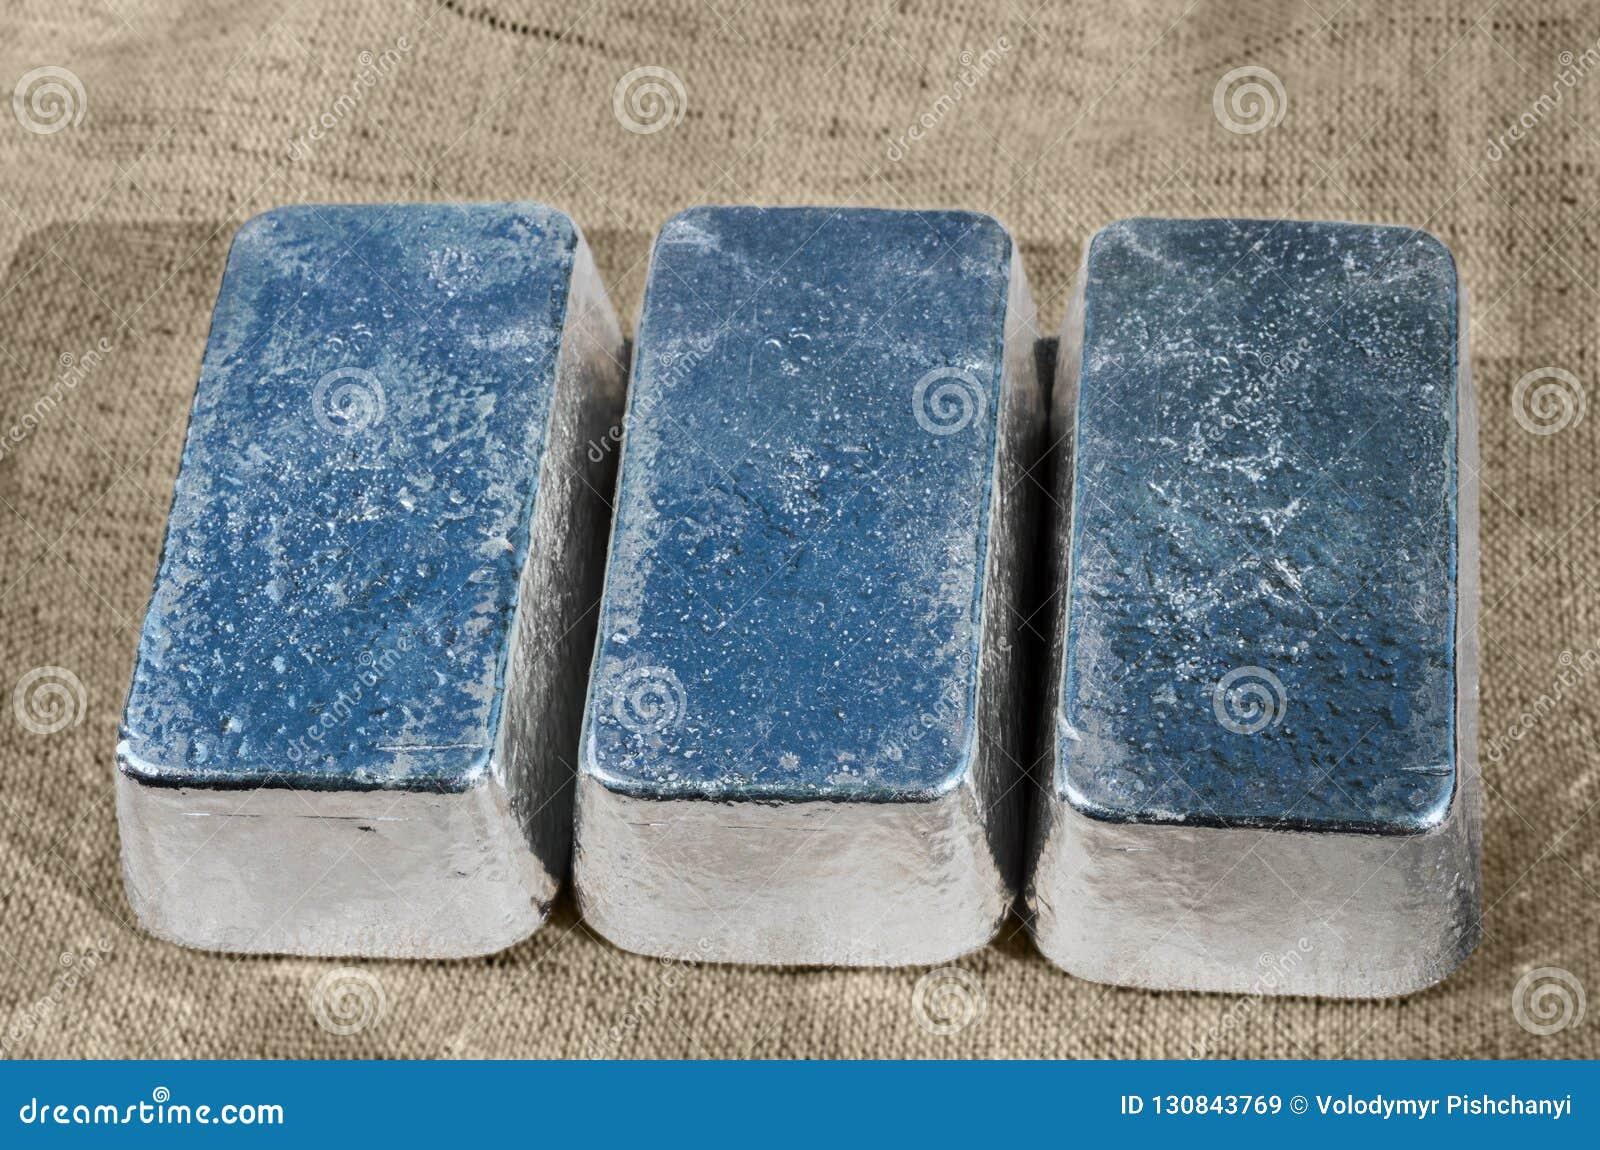 Três barras de prata não marcado contra uma textura áspera de matéria têxtil